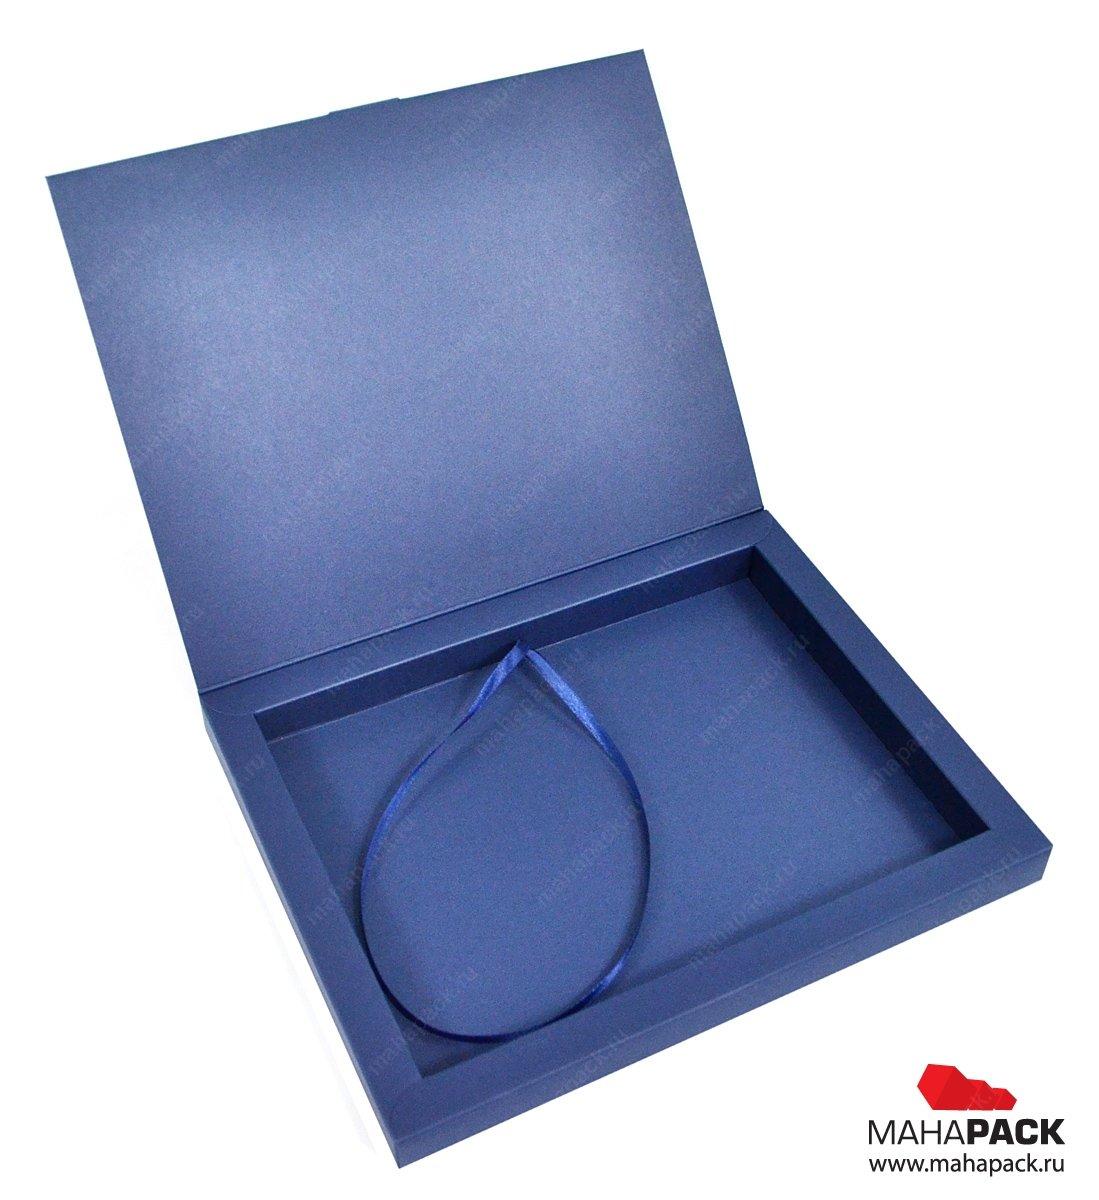 Подарочная коробка с двойными бортами, для ipad-чехла